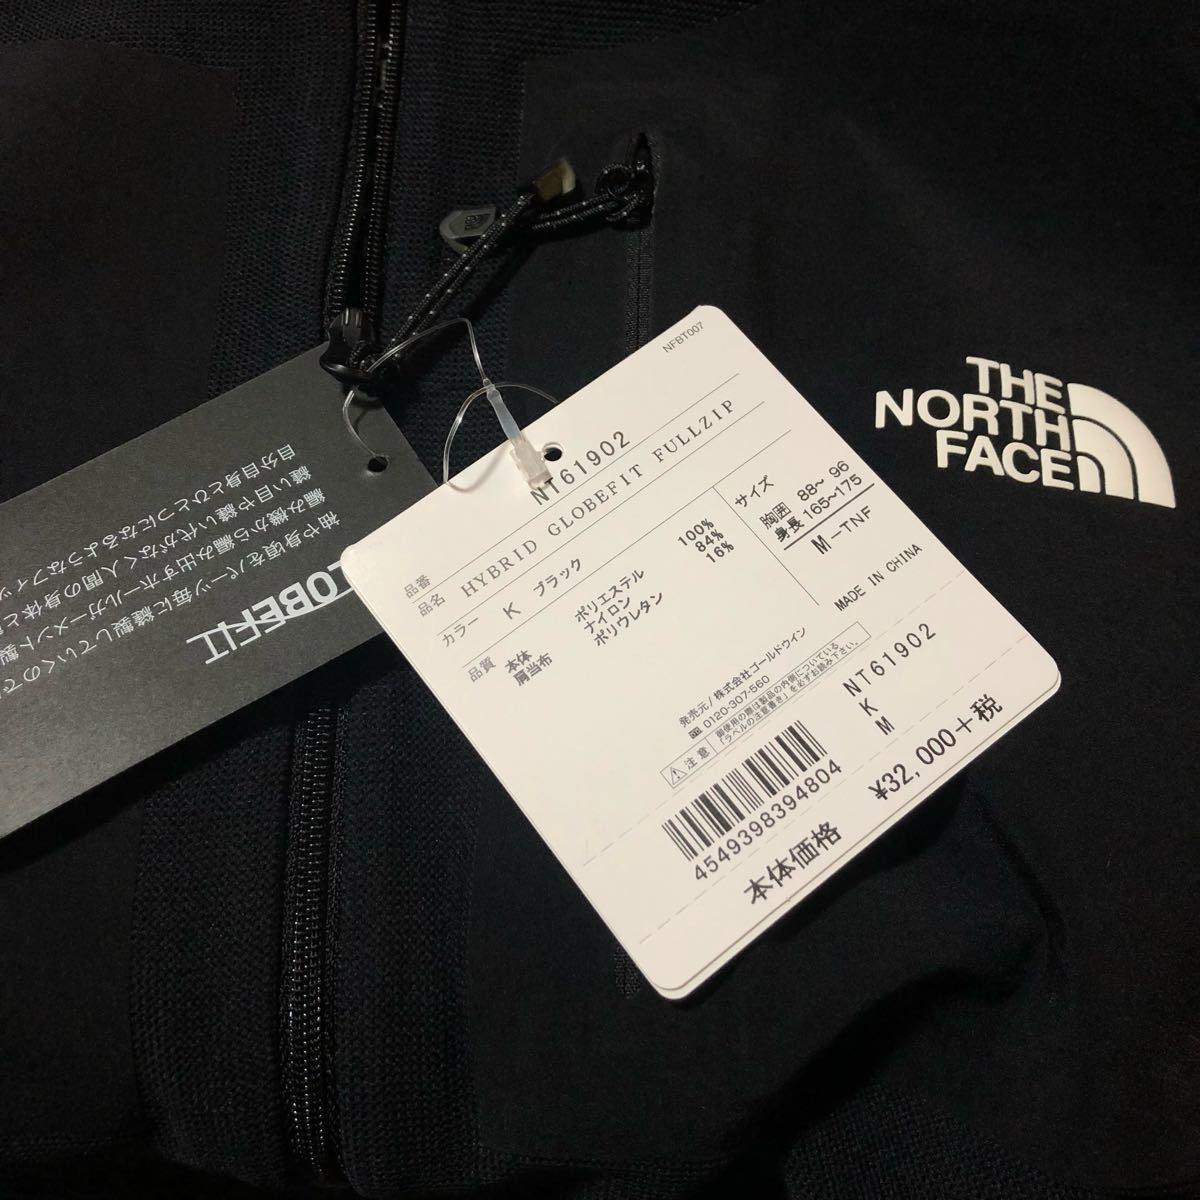 THE NORTH FACE ザノースフェイス トレッキングジャケット黒メンズM